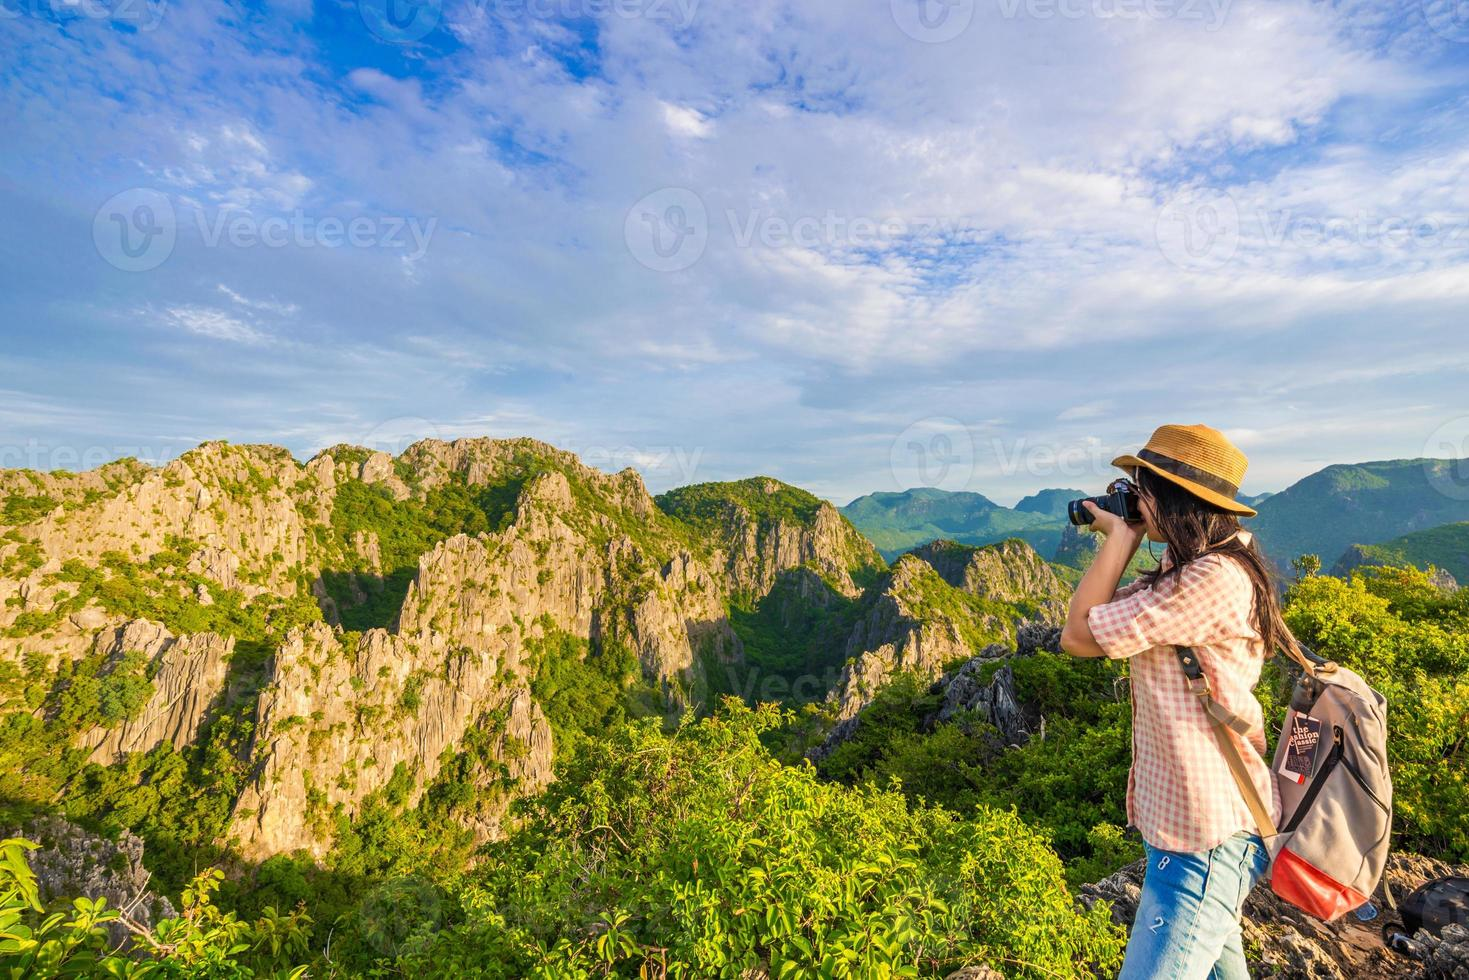 mujer excursionista con cámara disfruta de la vista al amanecer foto